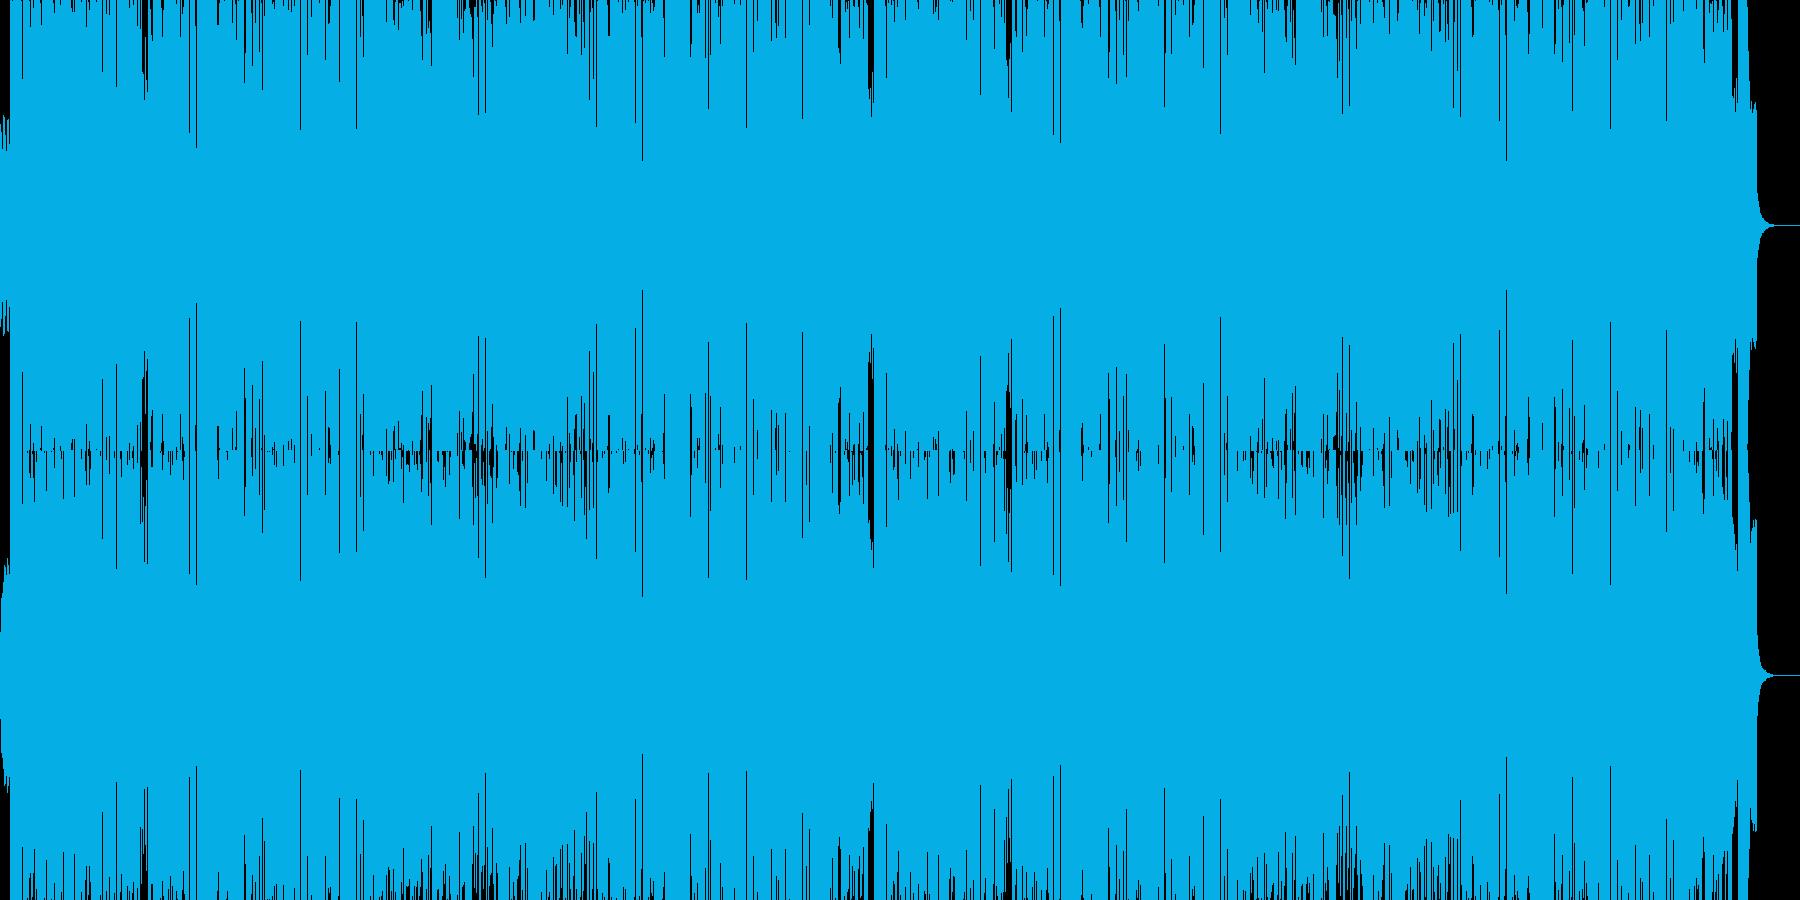 夜の高速のようなベースのきいたBGMの再生済みの波形